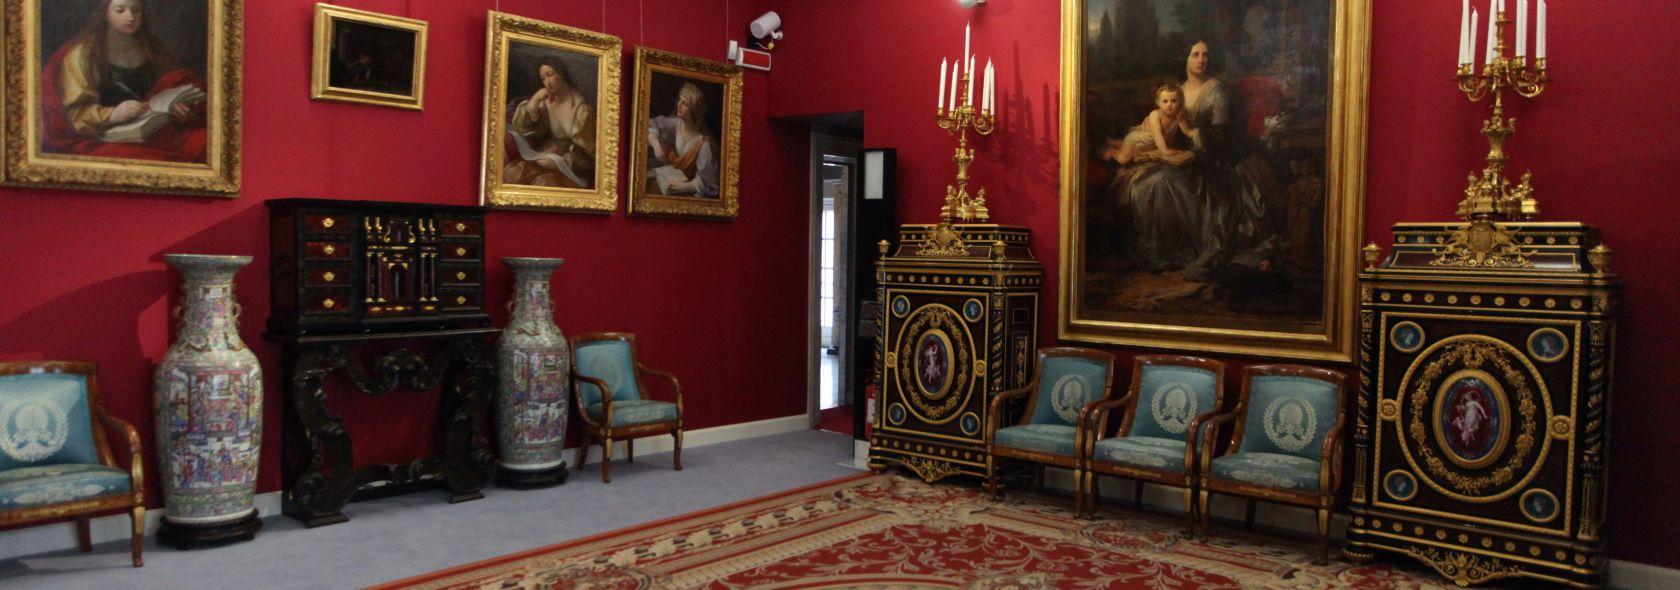 Palazzo Rosso, stanze ottocentesche - foto: ©Xedum